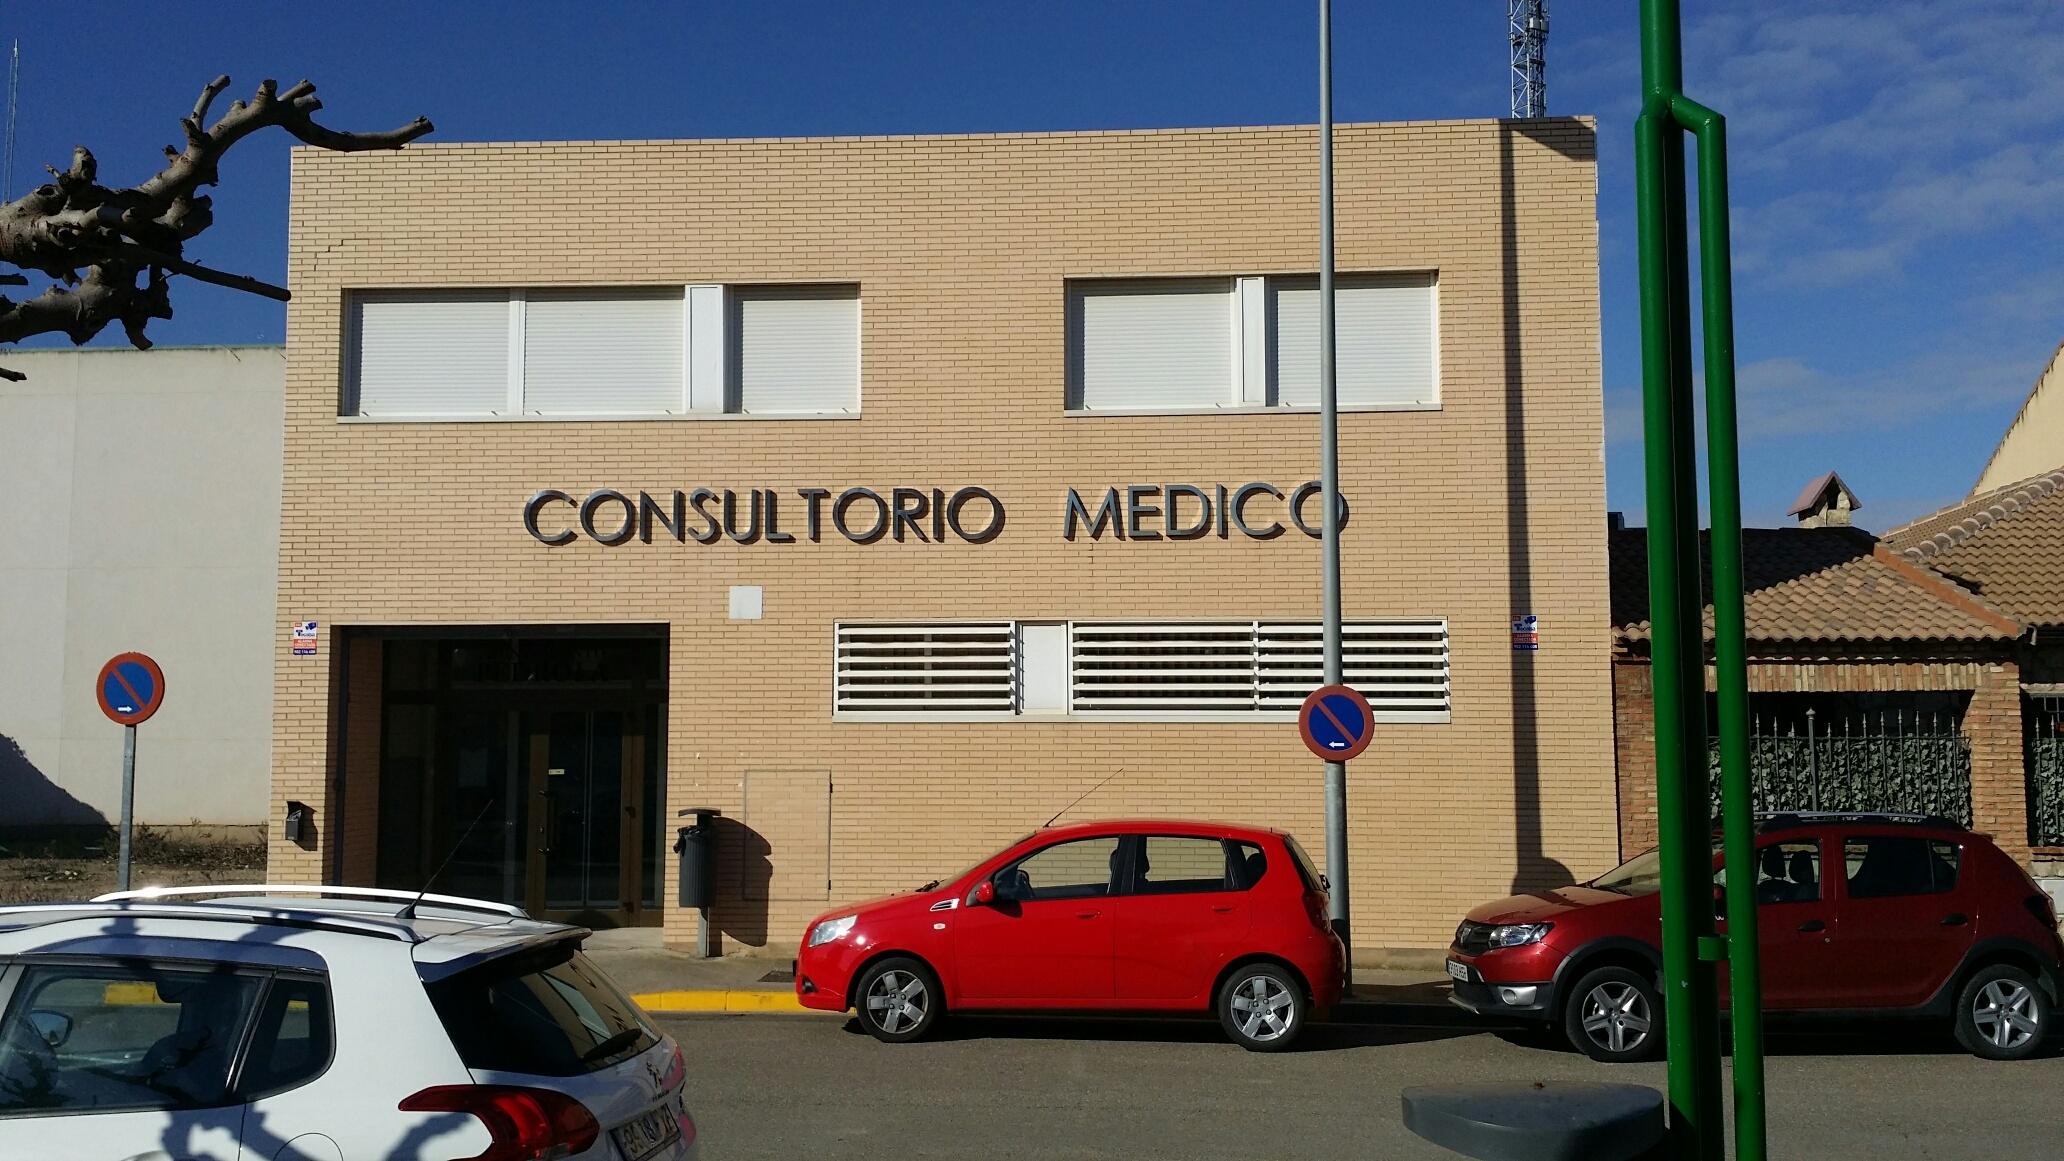 El consultorio médico permanecerá cerrado el lunes 13 de Junio.